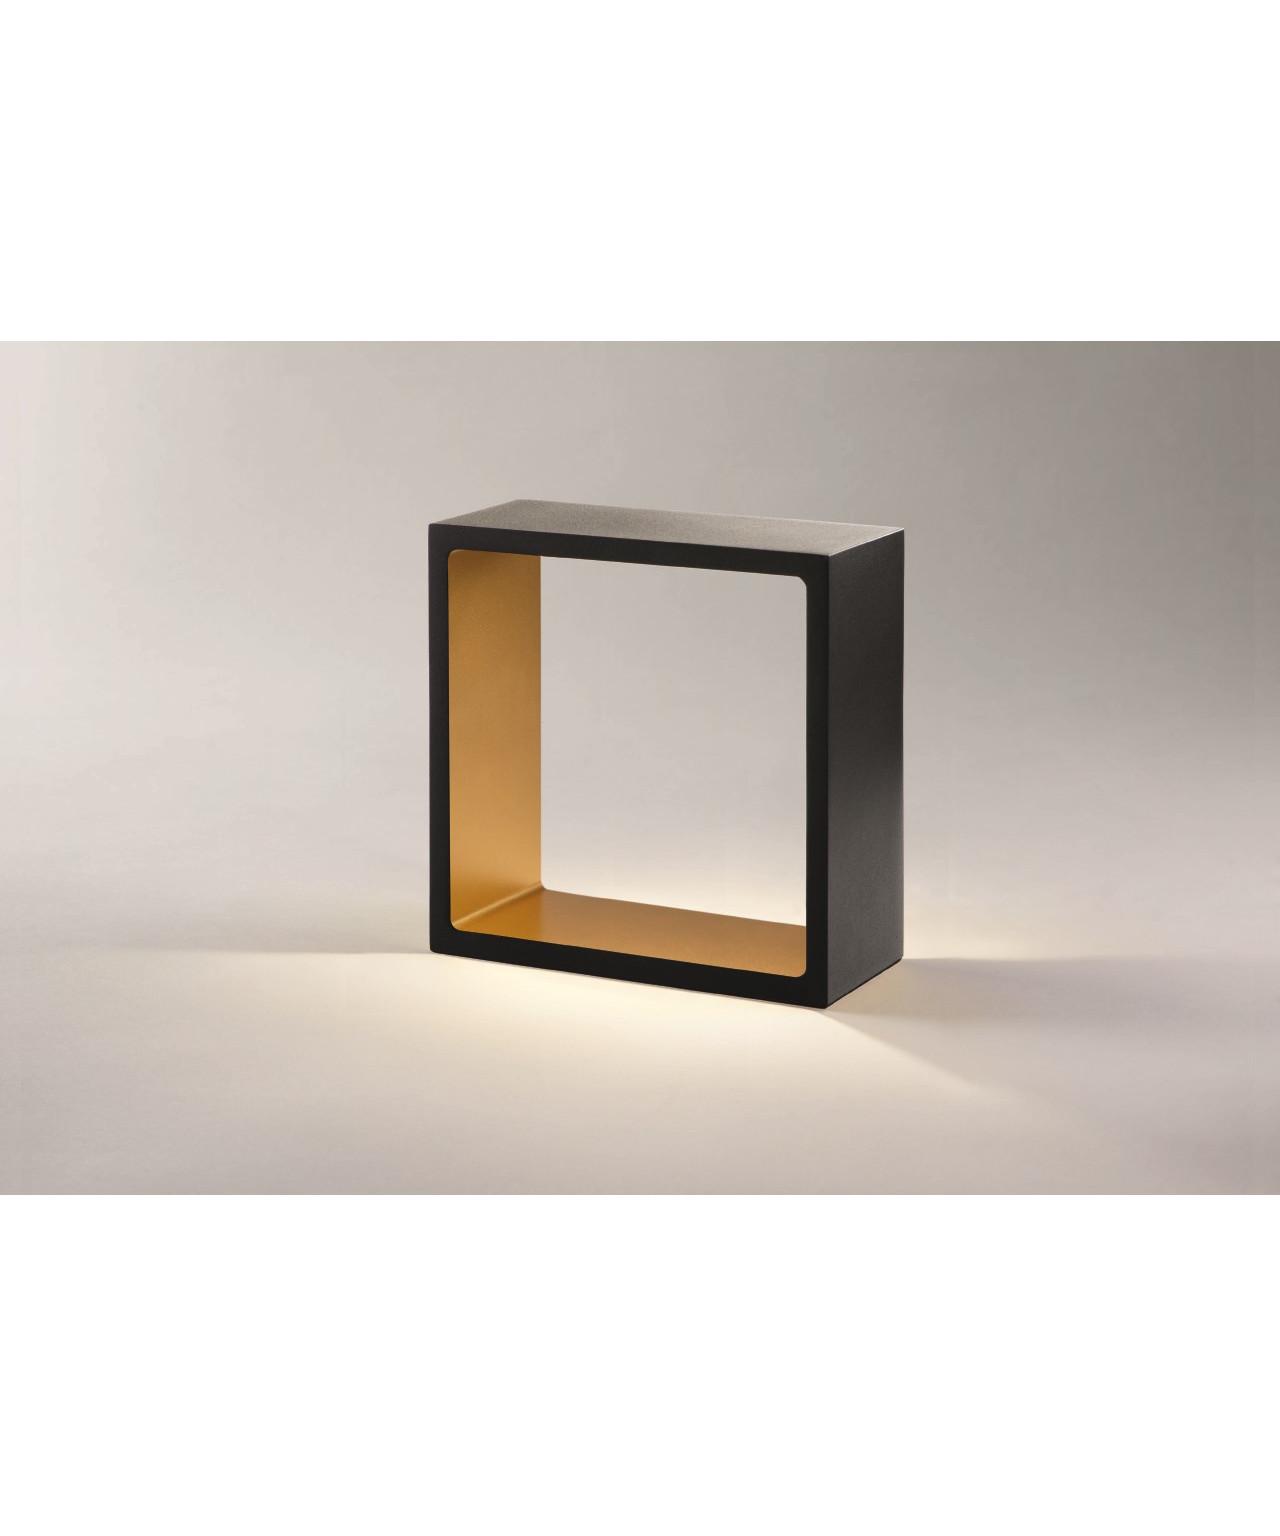 fusion led tischleuchte schwarz gold light point. Black Bedroom Furniture Sets. Home Design Ideas